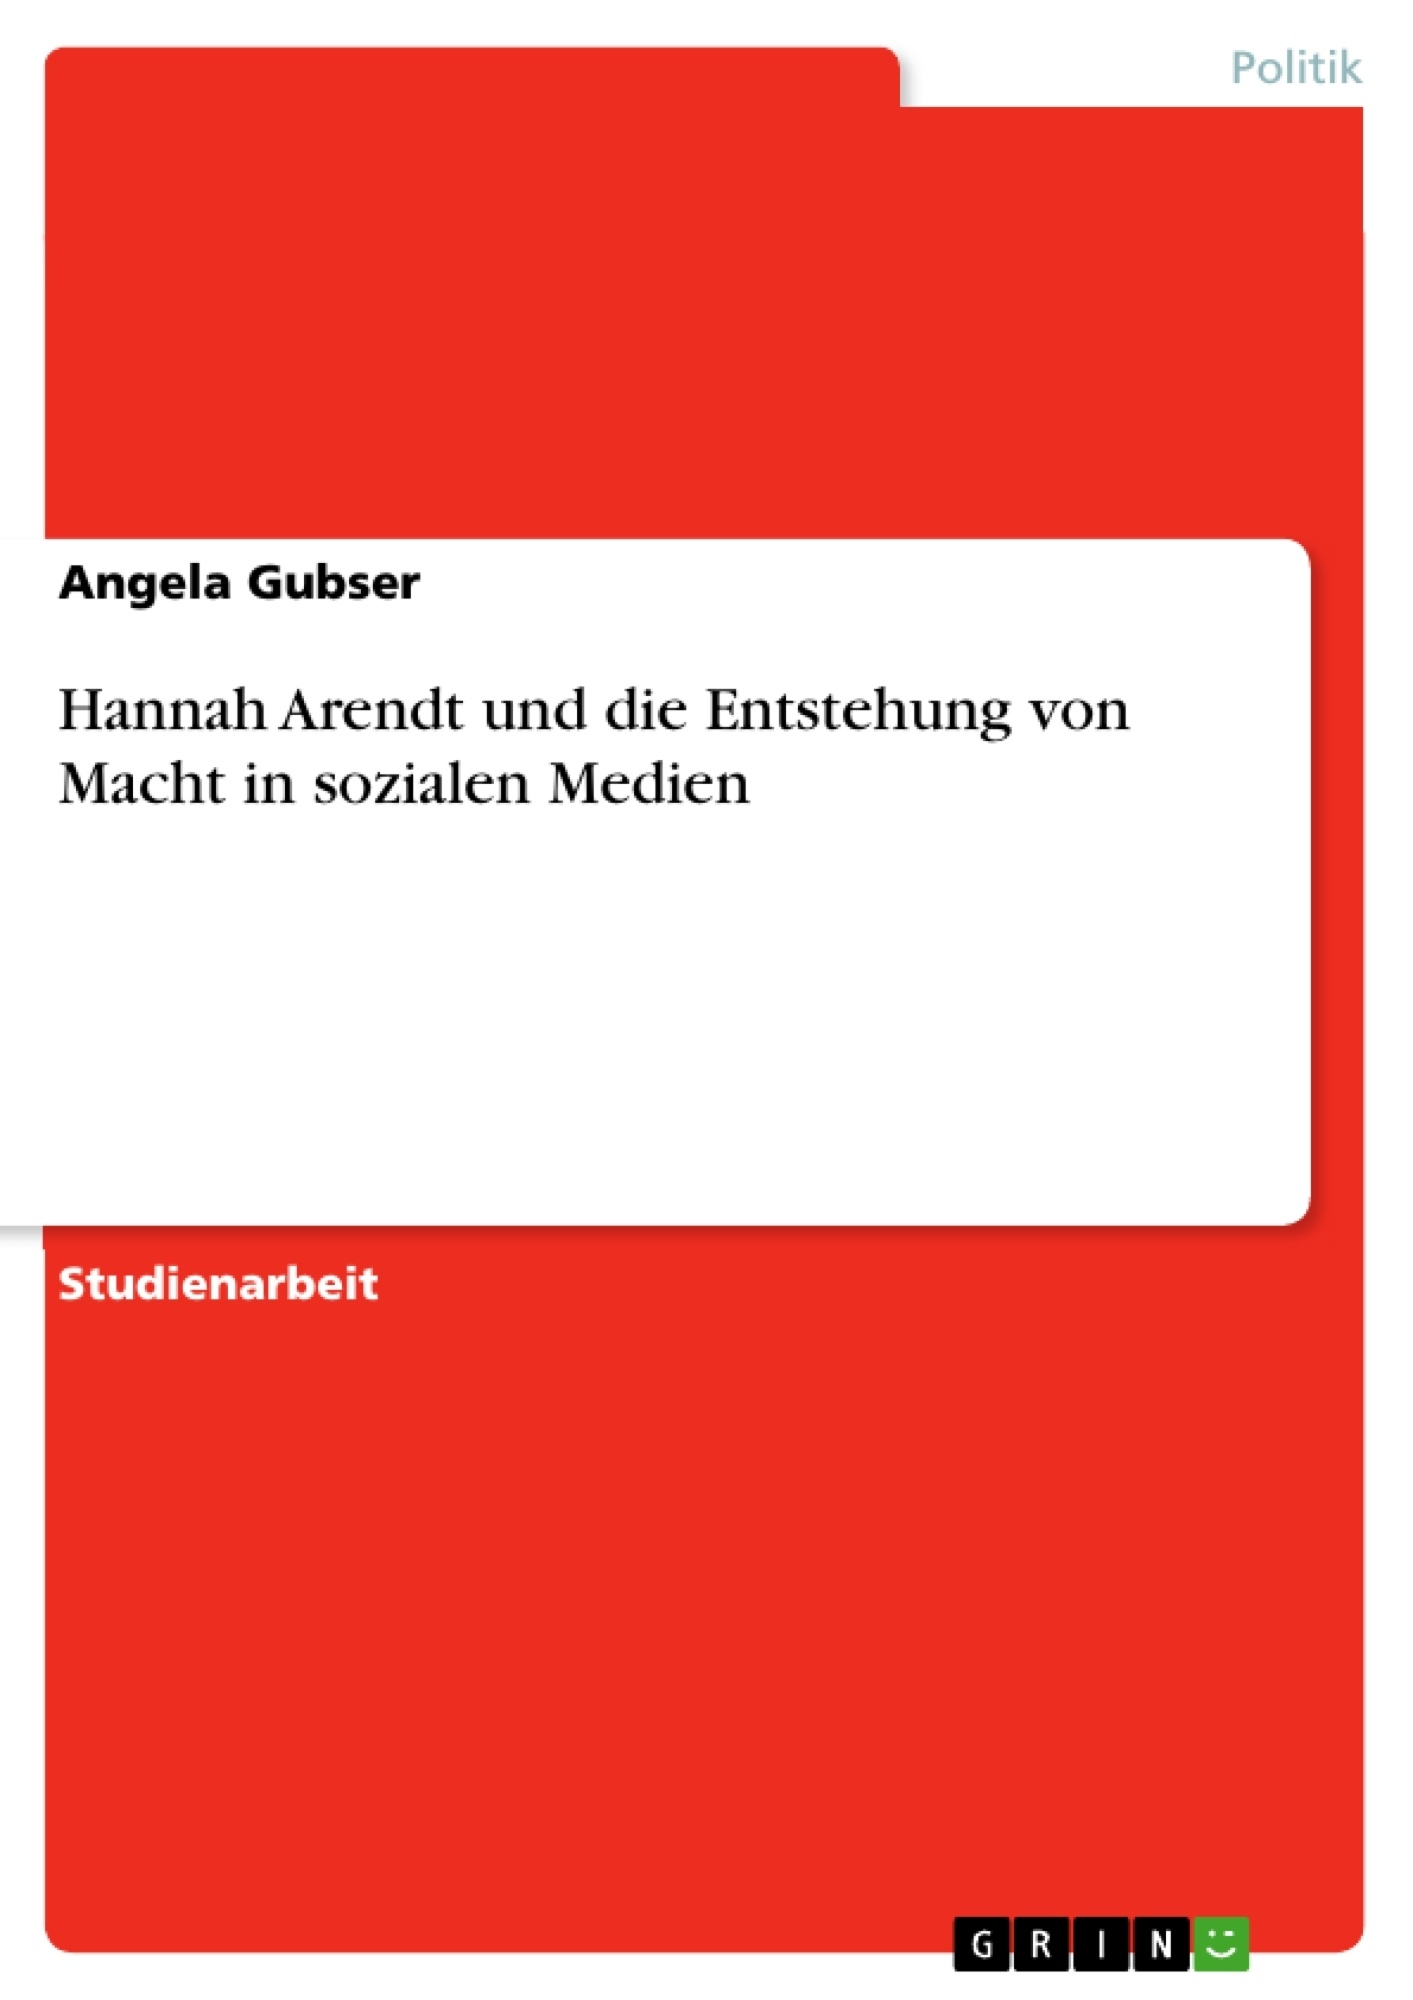 Titel: Hannah Arendt und die Entstehung von Macht in sozialen Medien